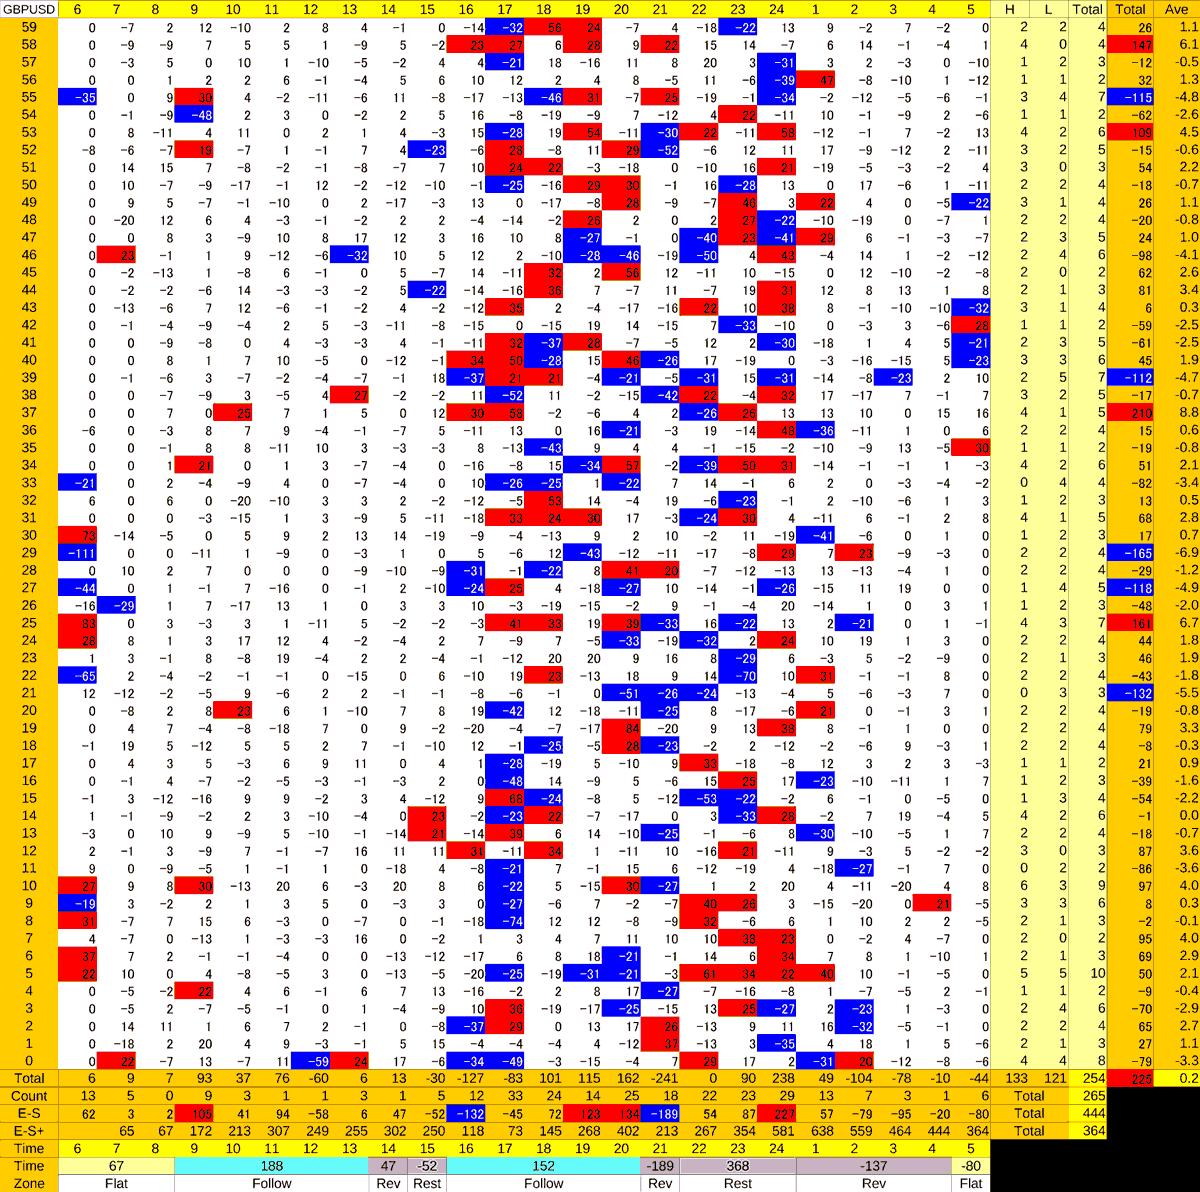 20201027_HS(2)GBPUSD